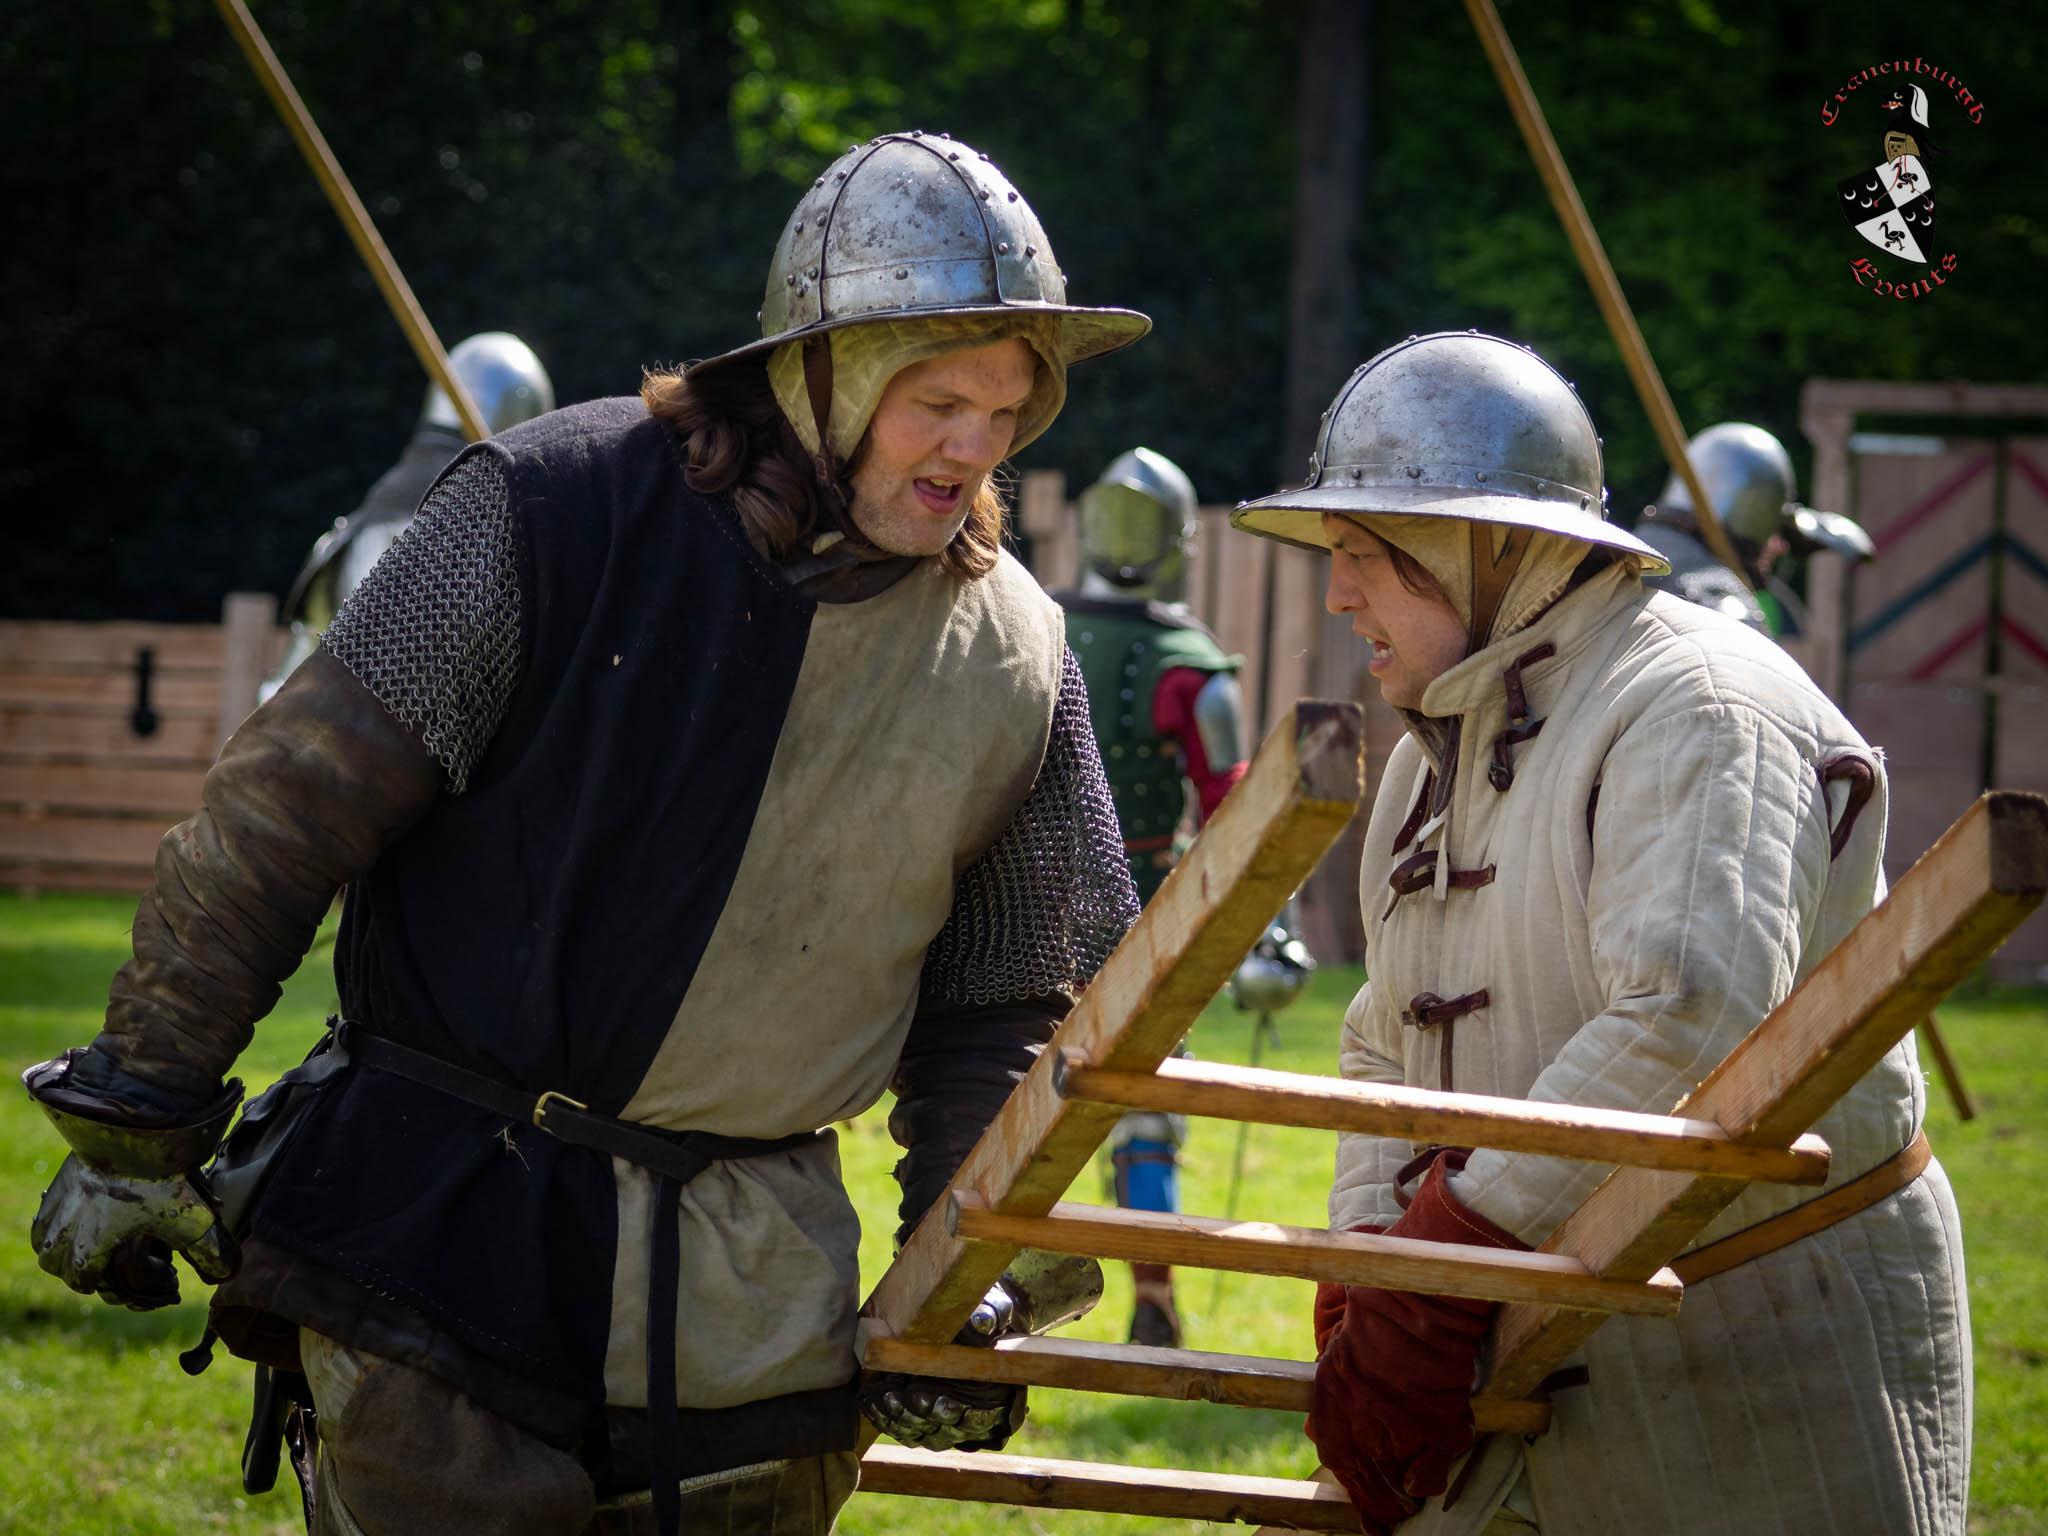 Middeleeuws-Festijn-Cannenburgh-2019-Ellen-la-Faille-52